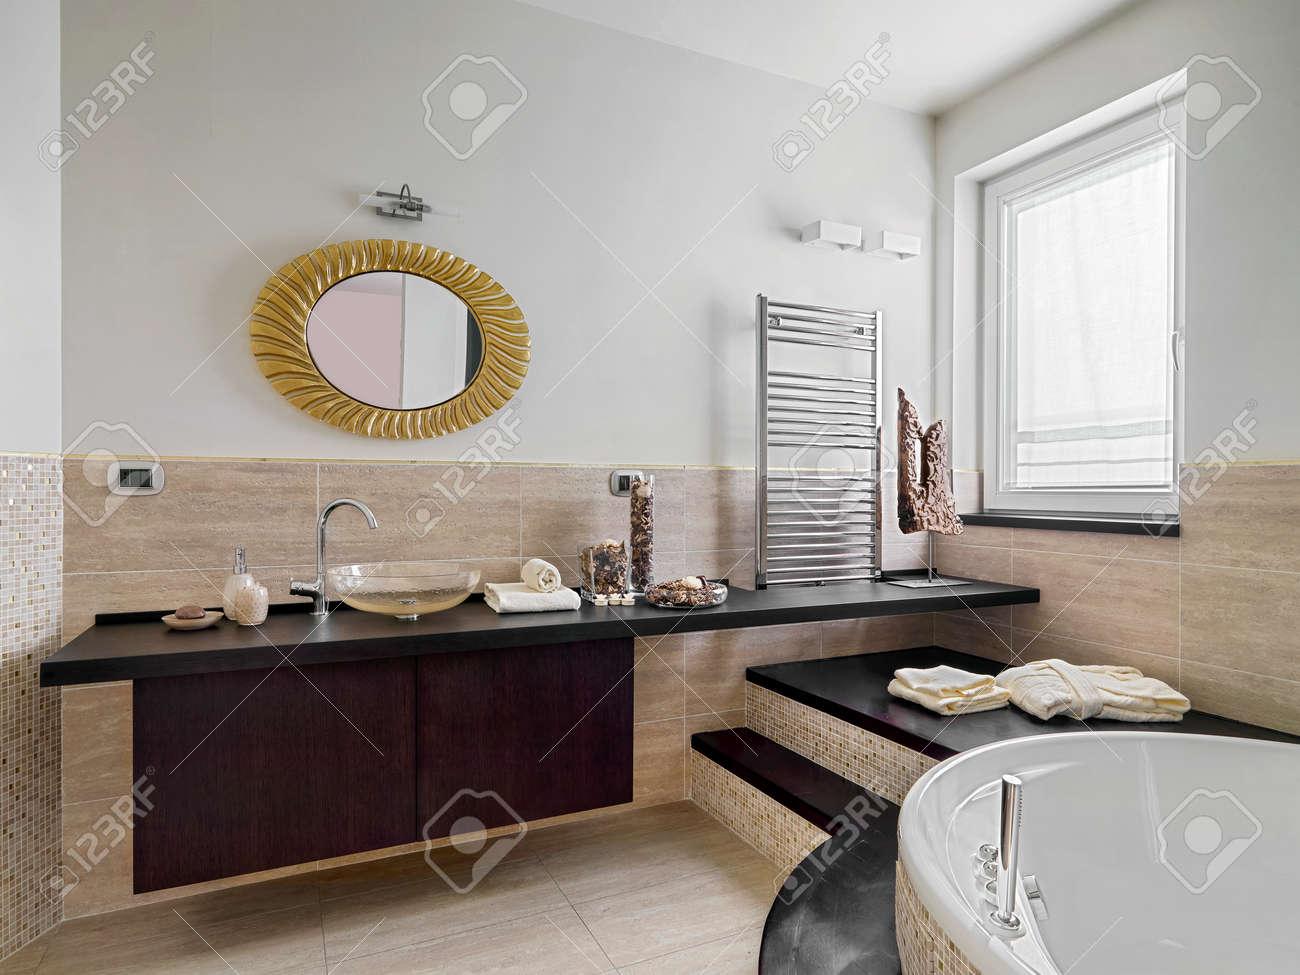 Vasca Da Bagno Plastica Prezzi : Vasca da bagno prezzi bassi. simple rubinetto vasca da bagno prezzi